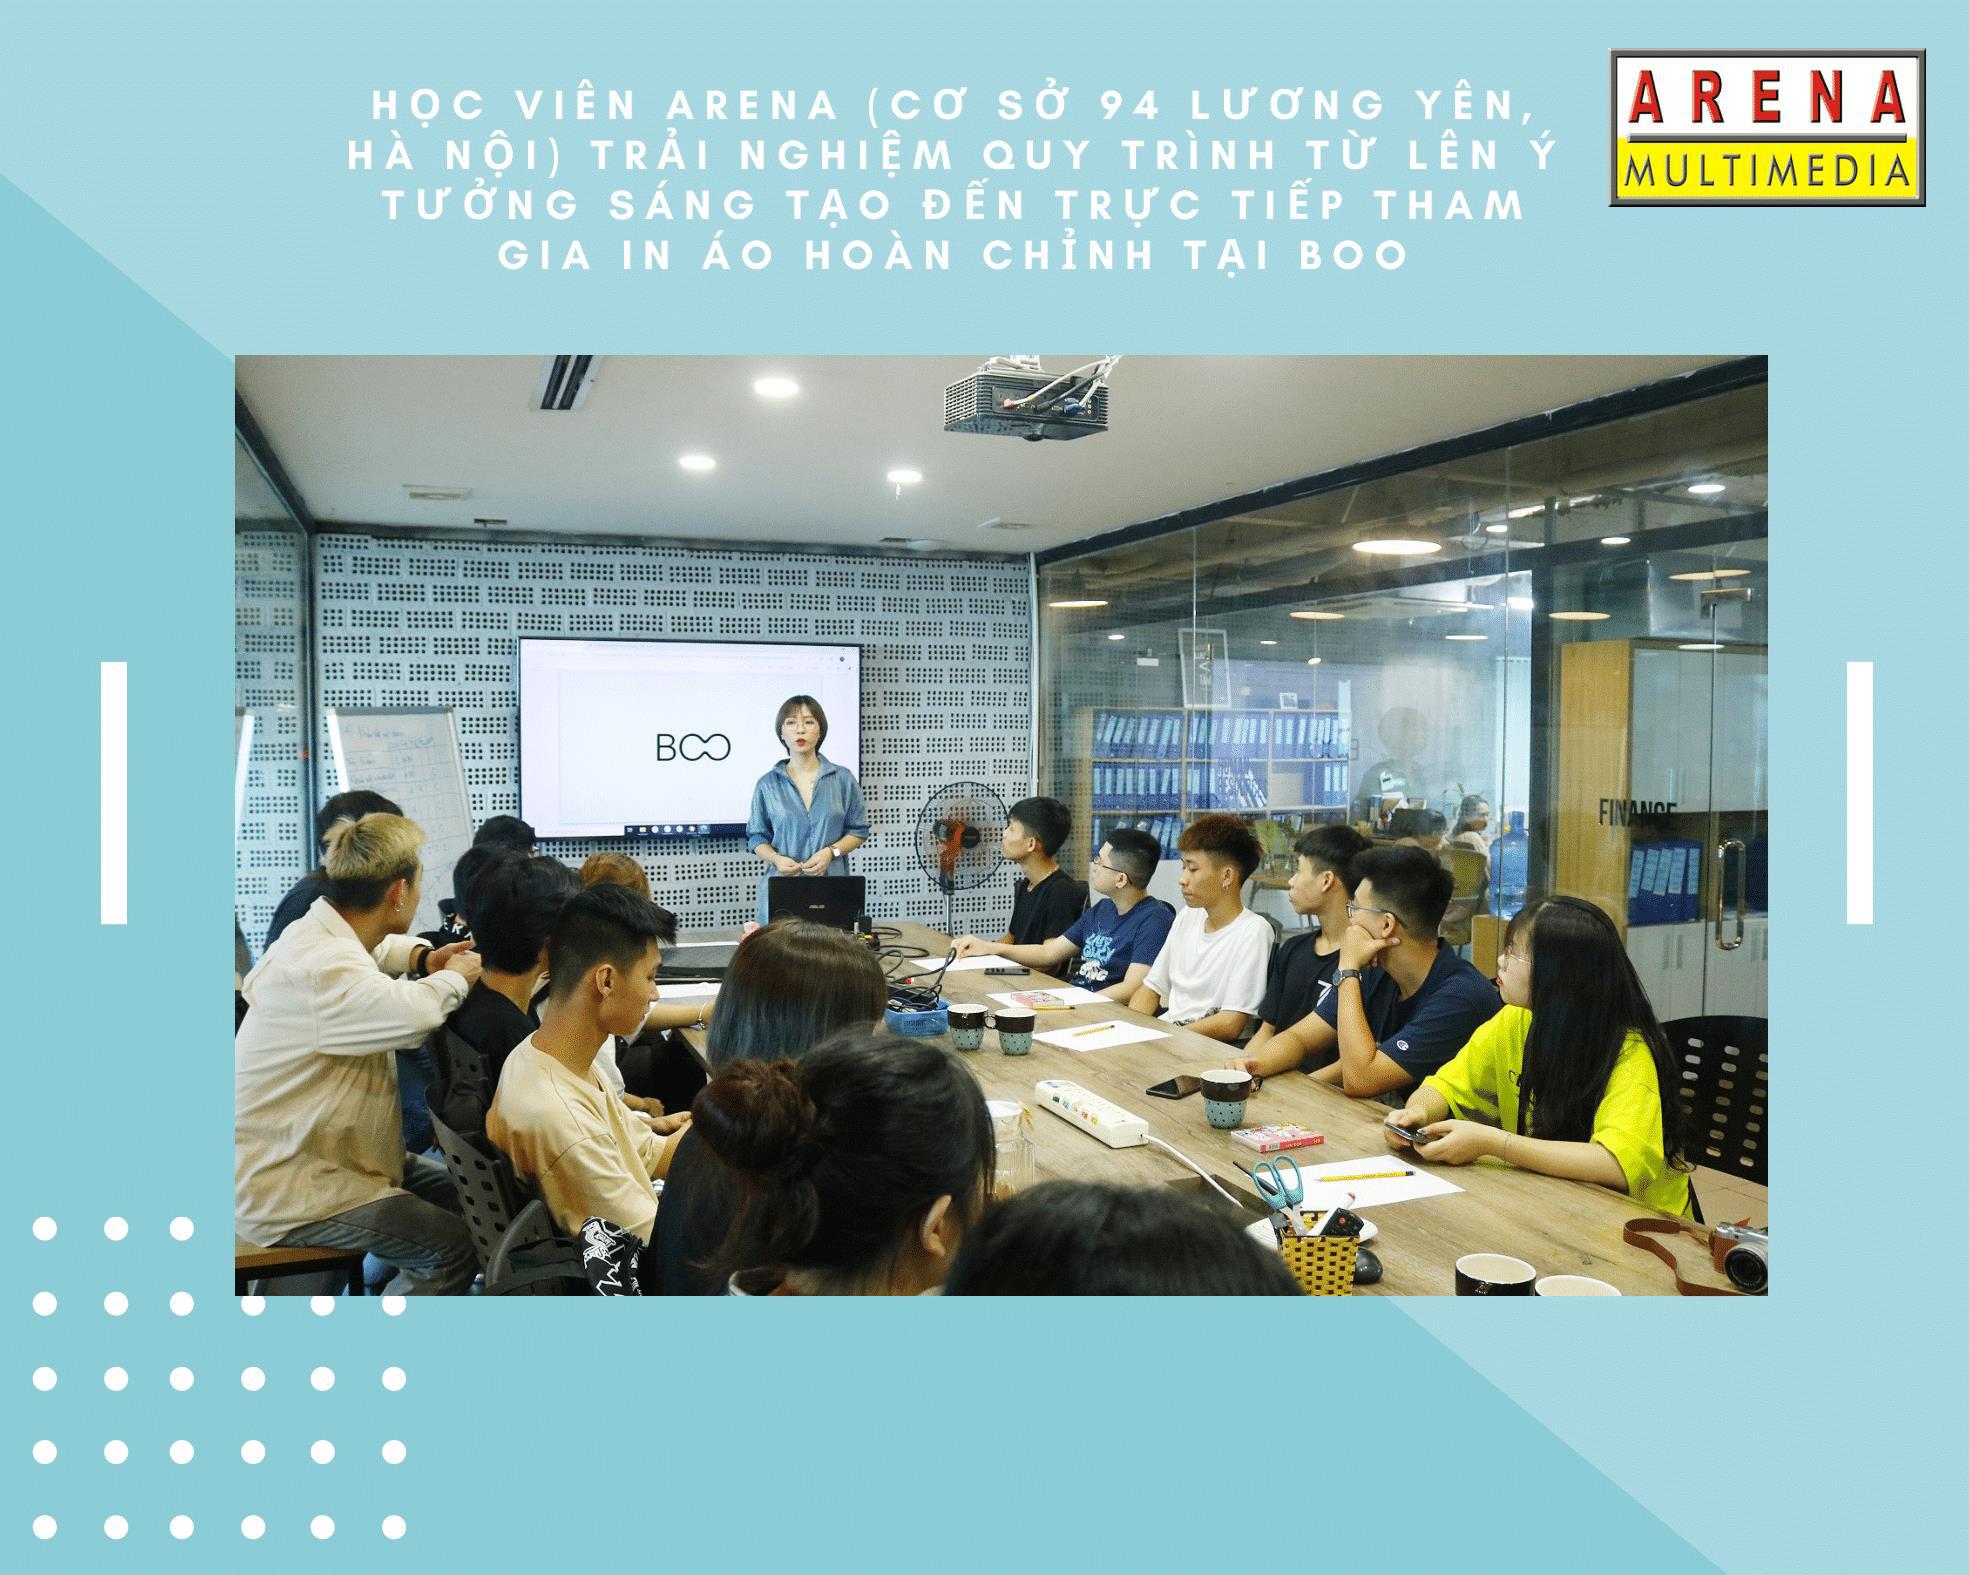 Arena Multimedia: Đào tạo vượt xa trải nghiệm - Ảnh 3.